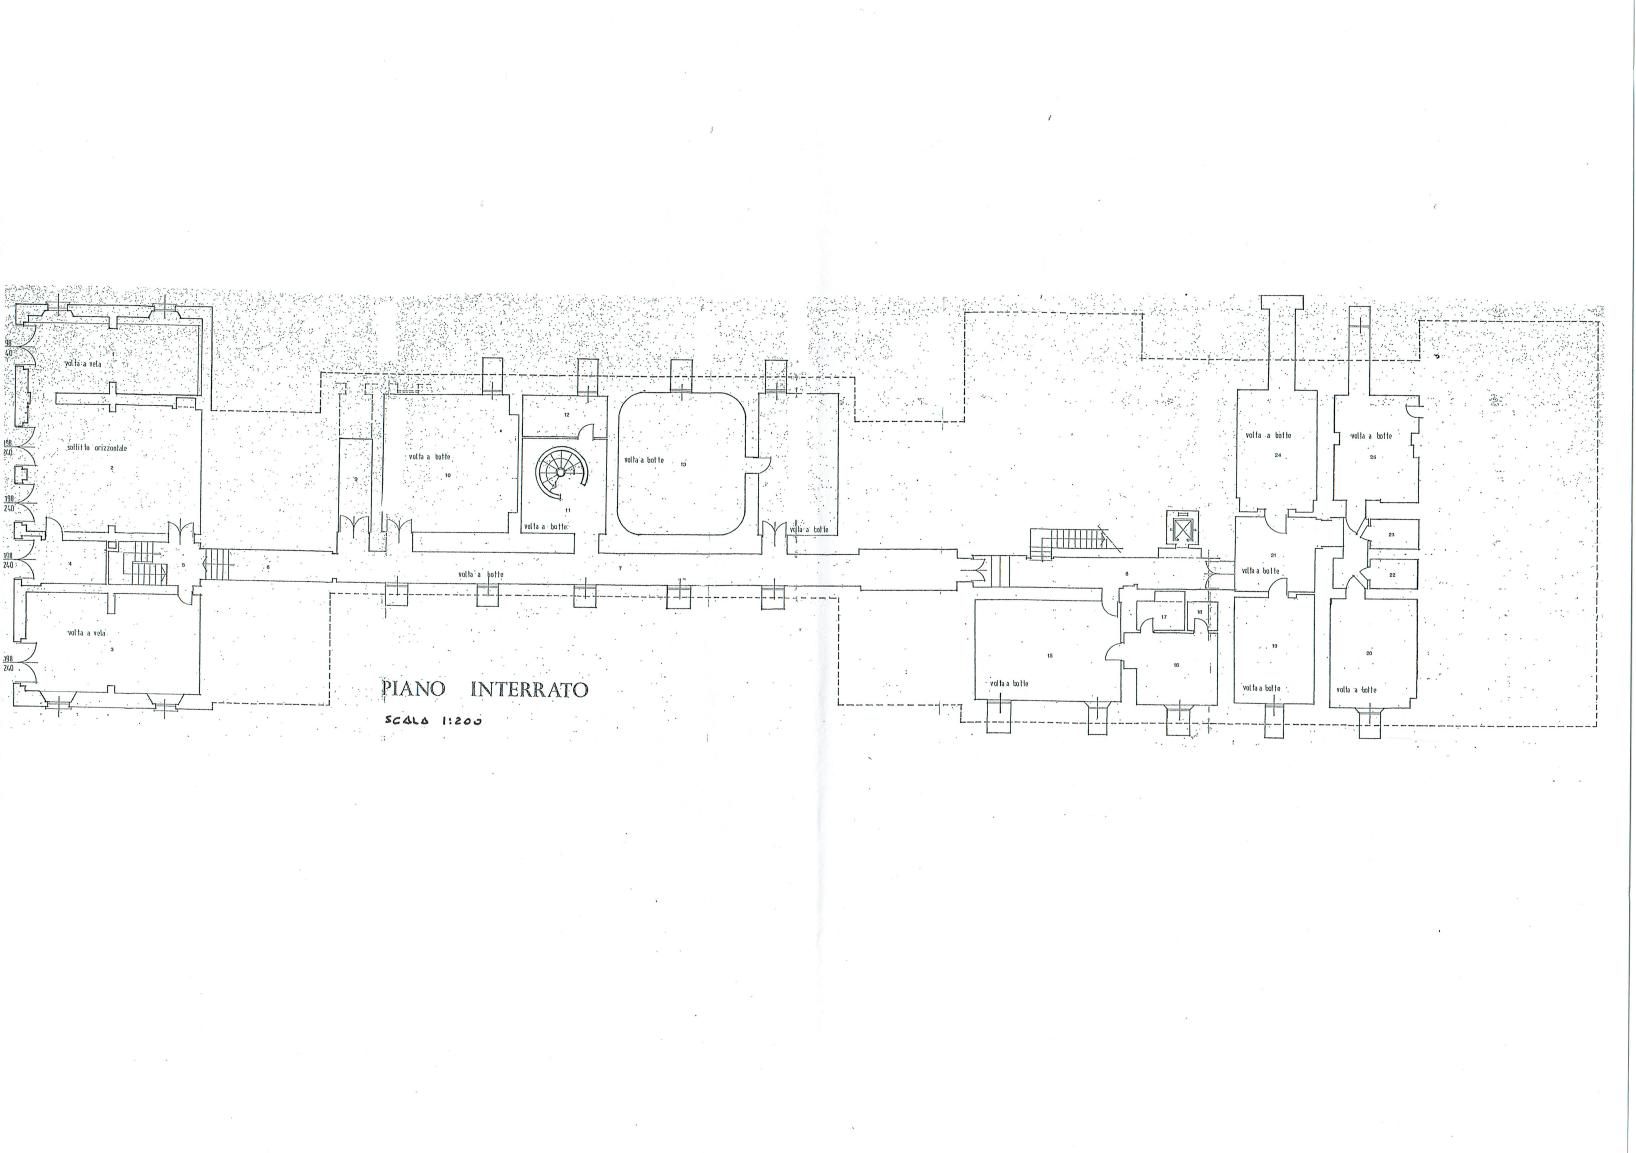 Basement floor plan - Villa of Ferlaro